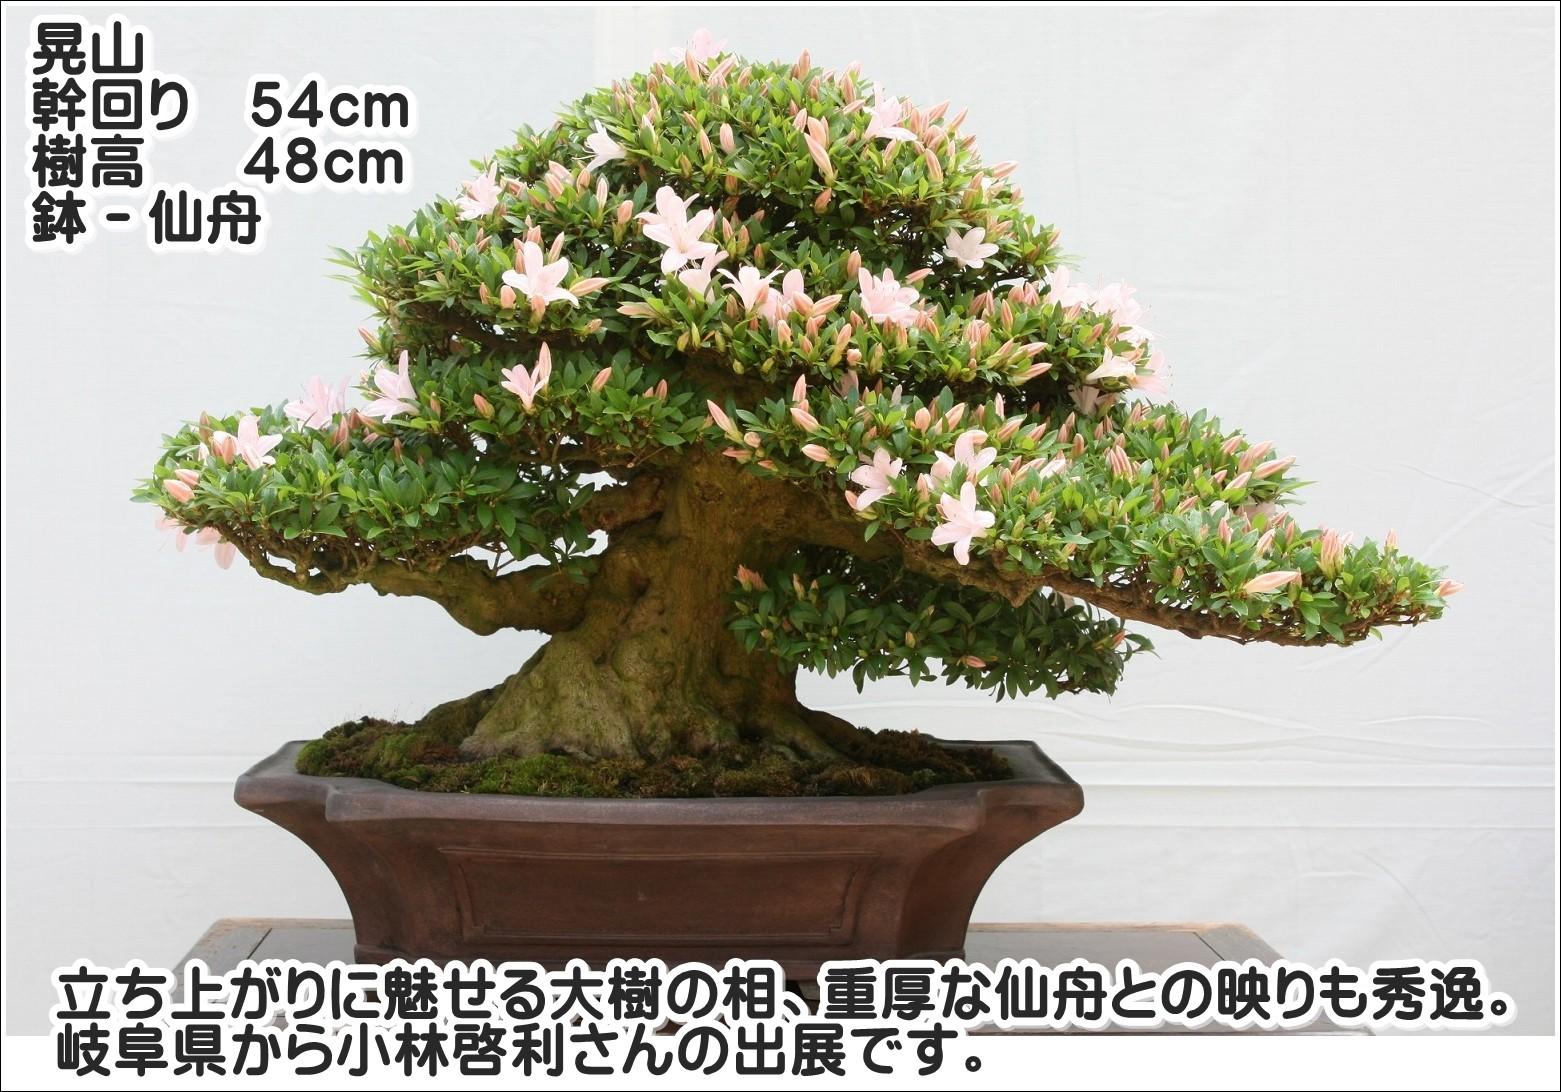 立ち上がりに魅せる大樹の相、重厚な仙舟との映りも秀逸。岐阜県から小林啓利さんの出展です。